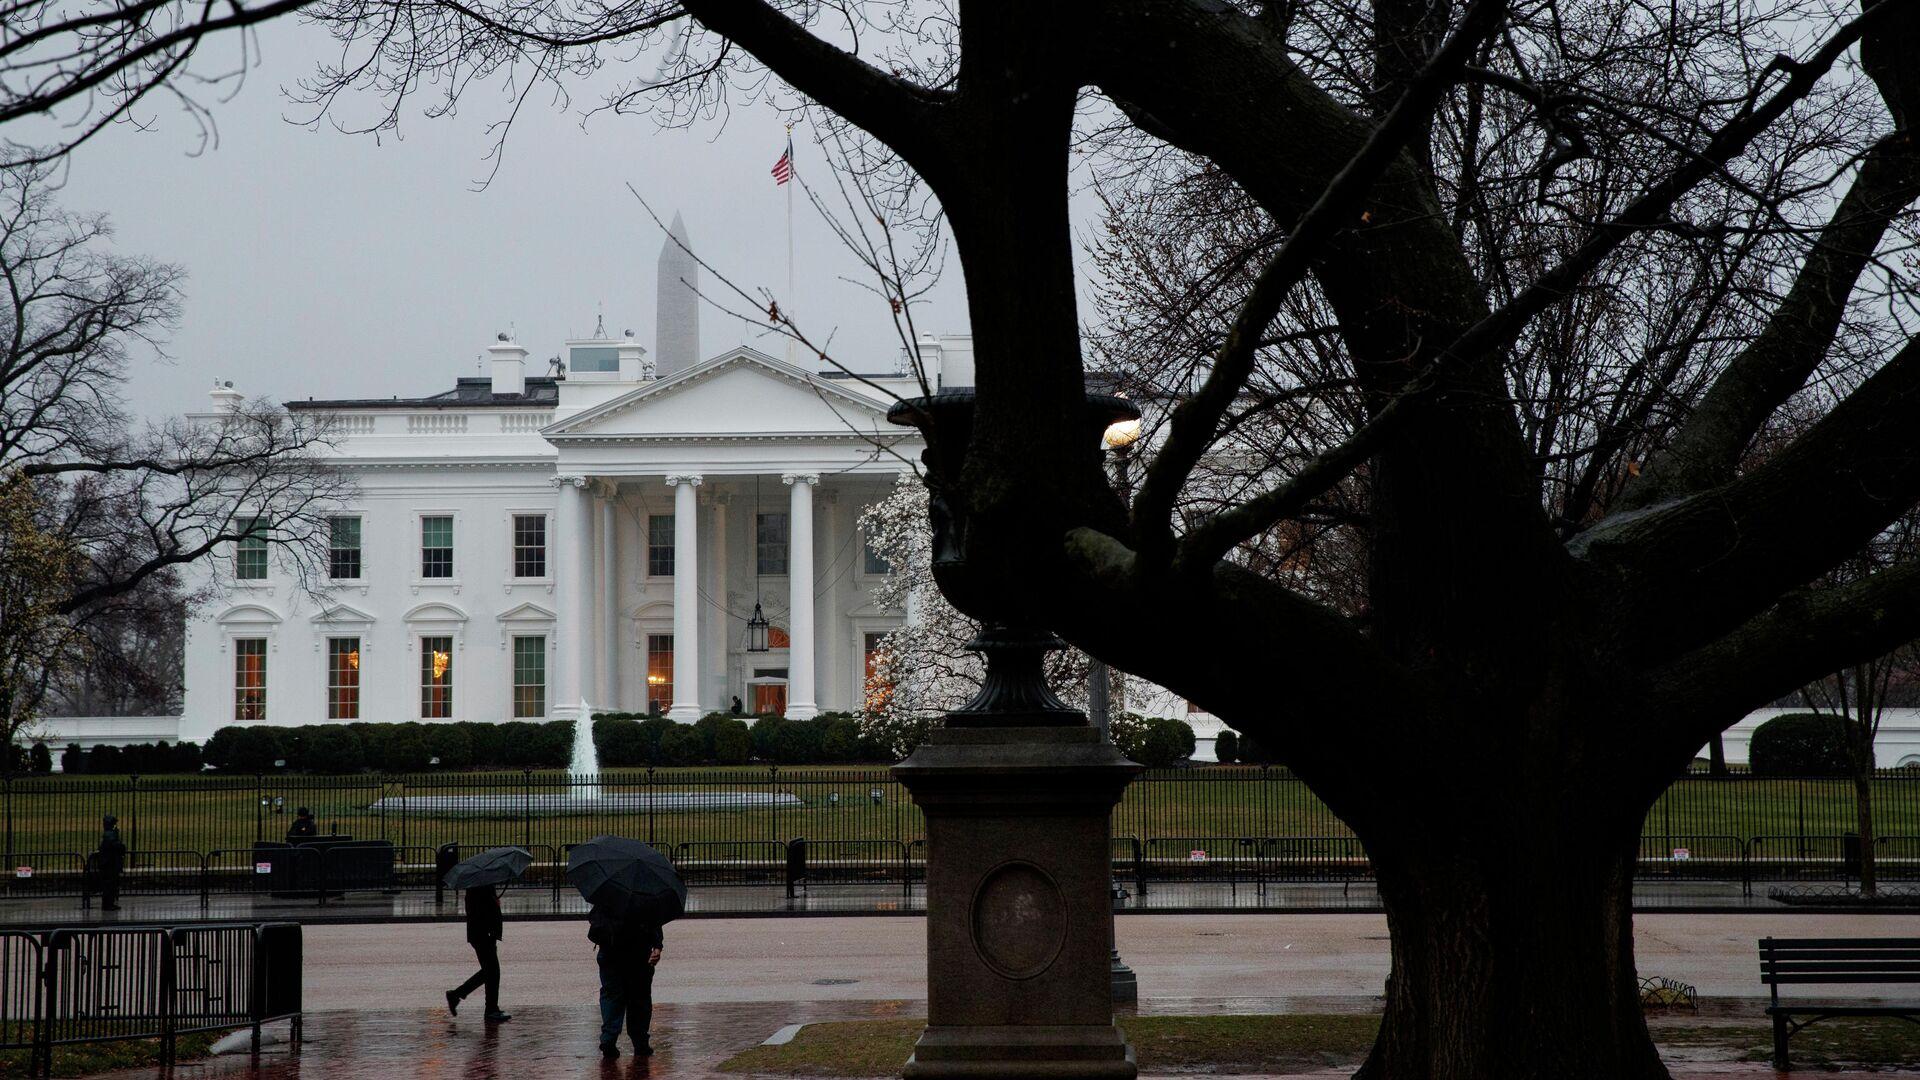 Здание Белого дома в Вашингтоне, США - РИА Новости, 1920, 26.07.2021